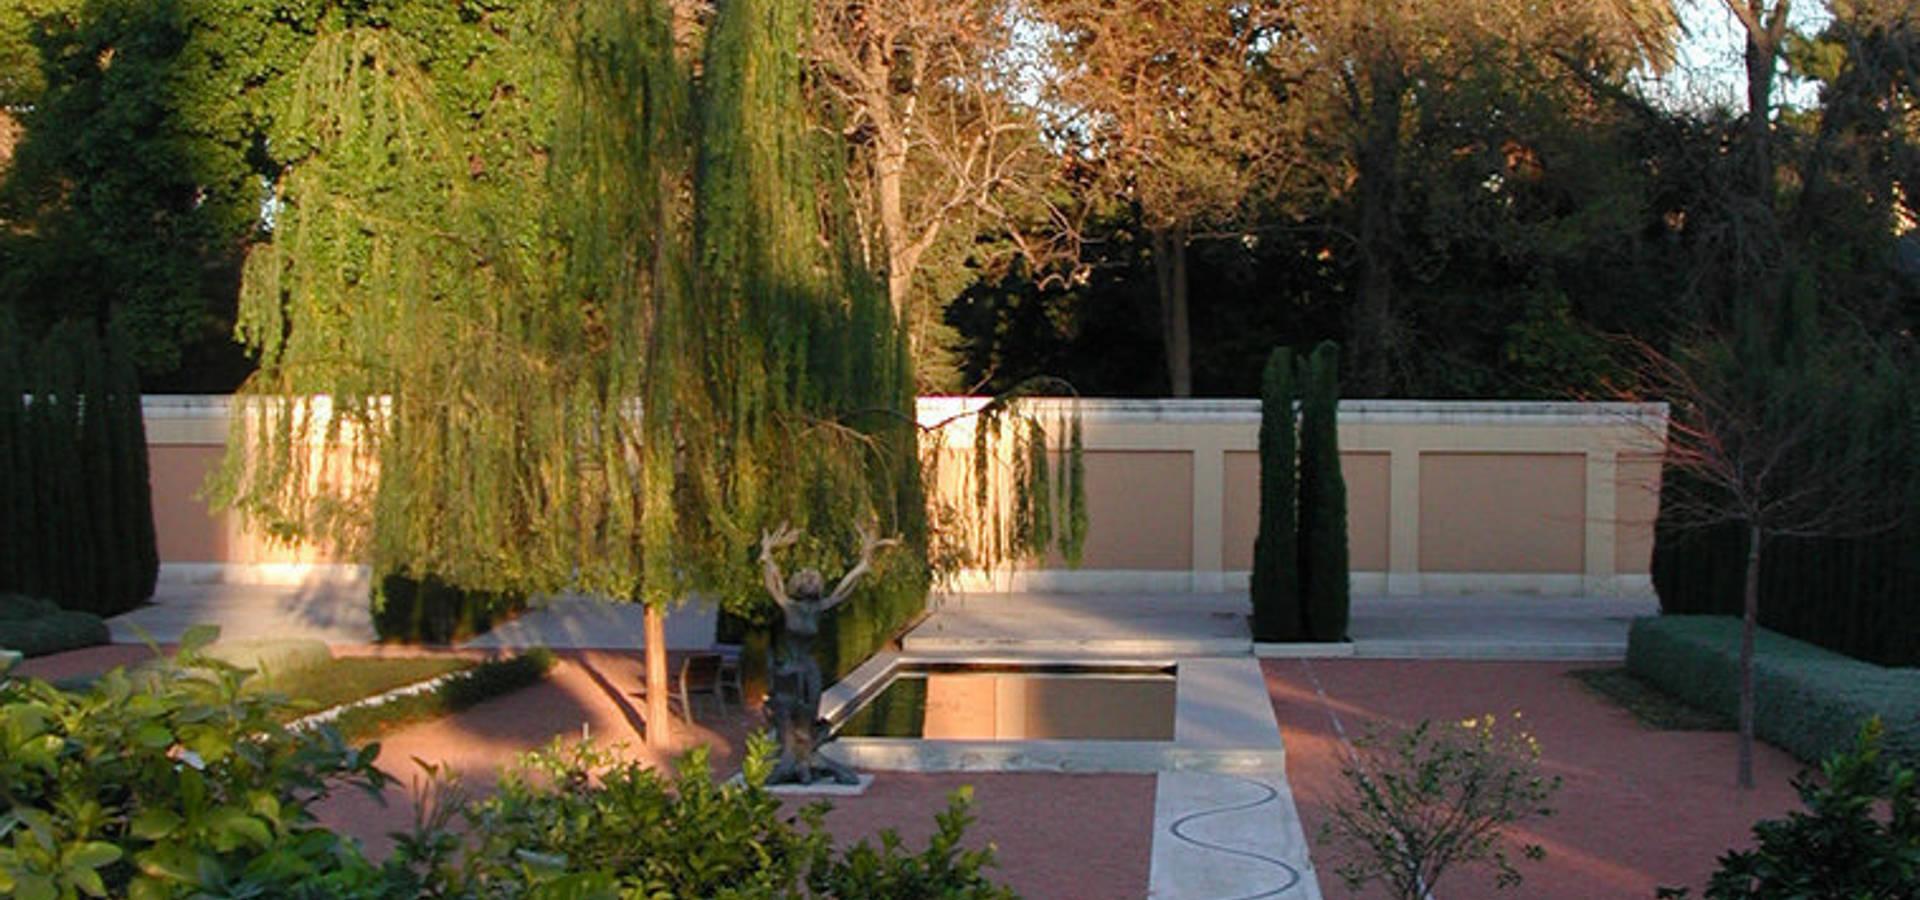 El jard n de los sentidos por vam10 arquitectura y paisaje for Jardin de los sentidos